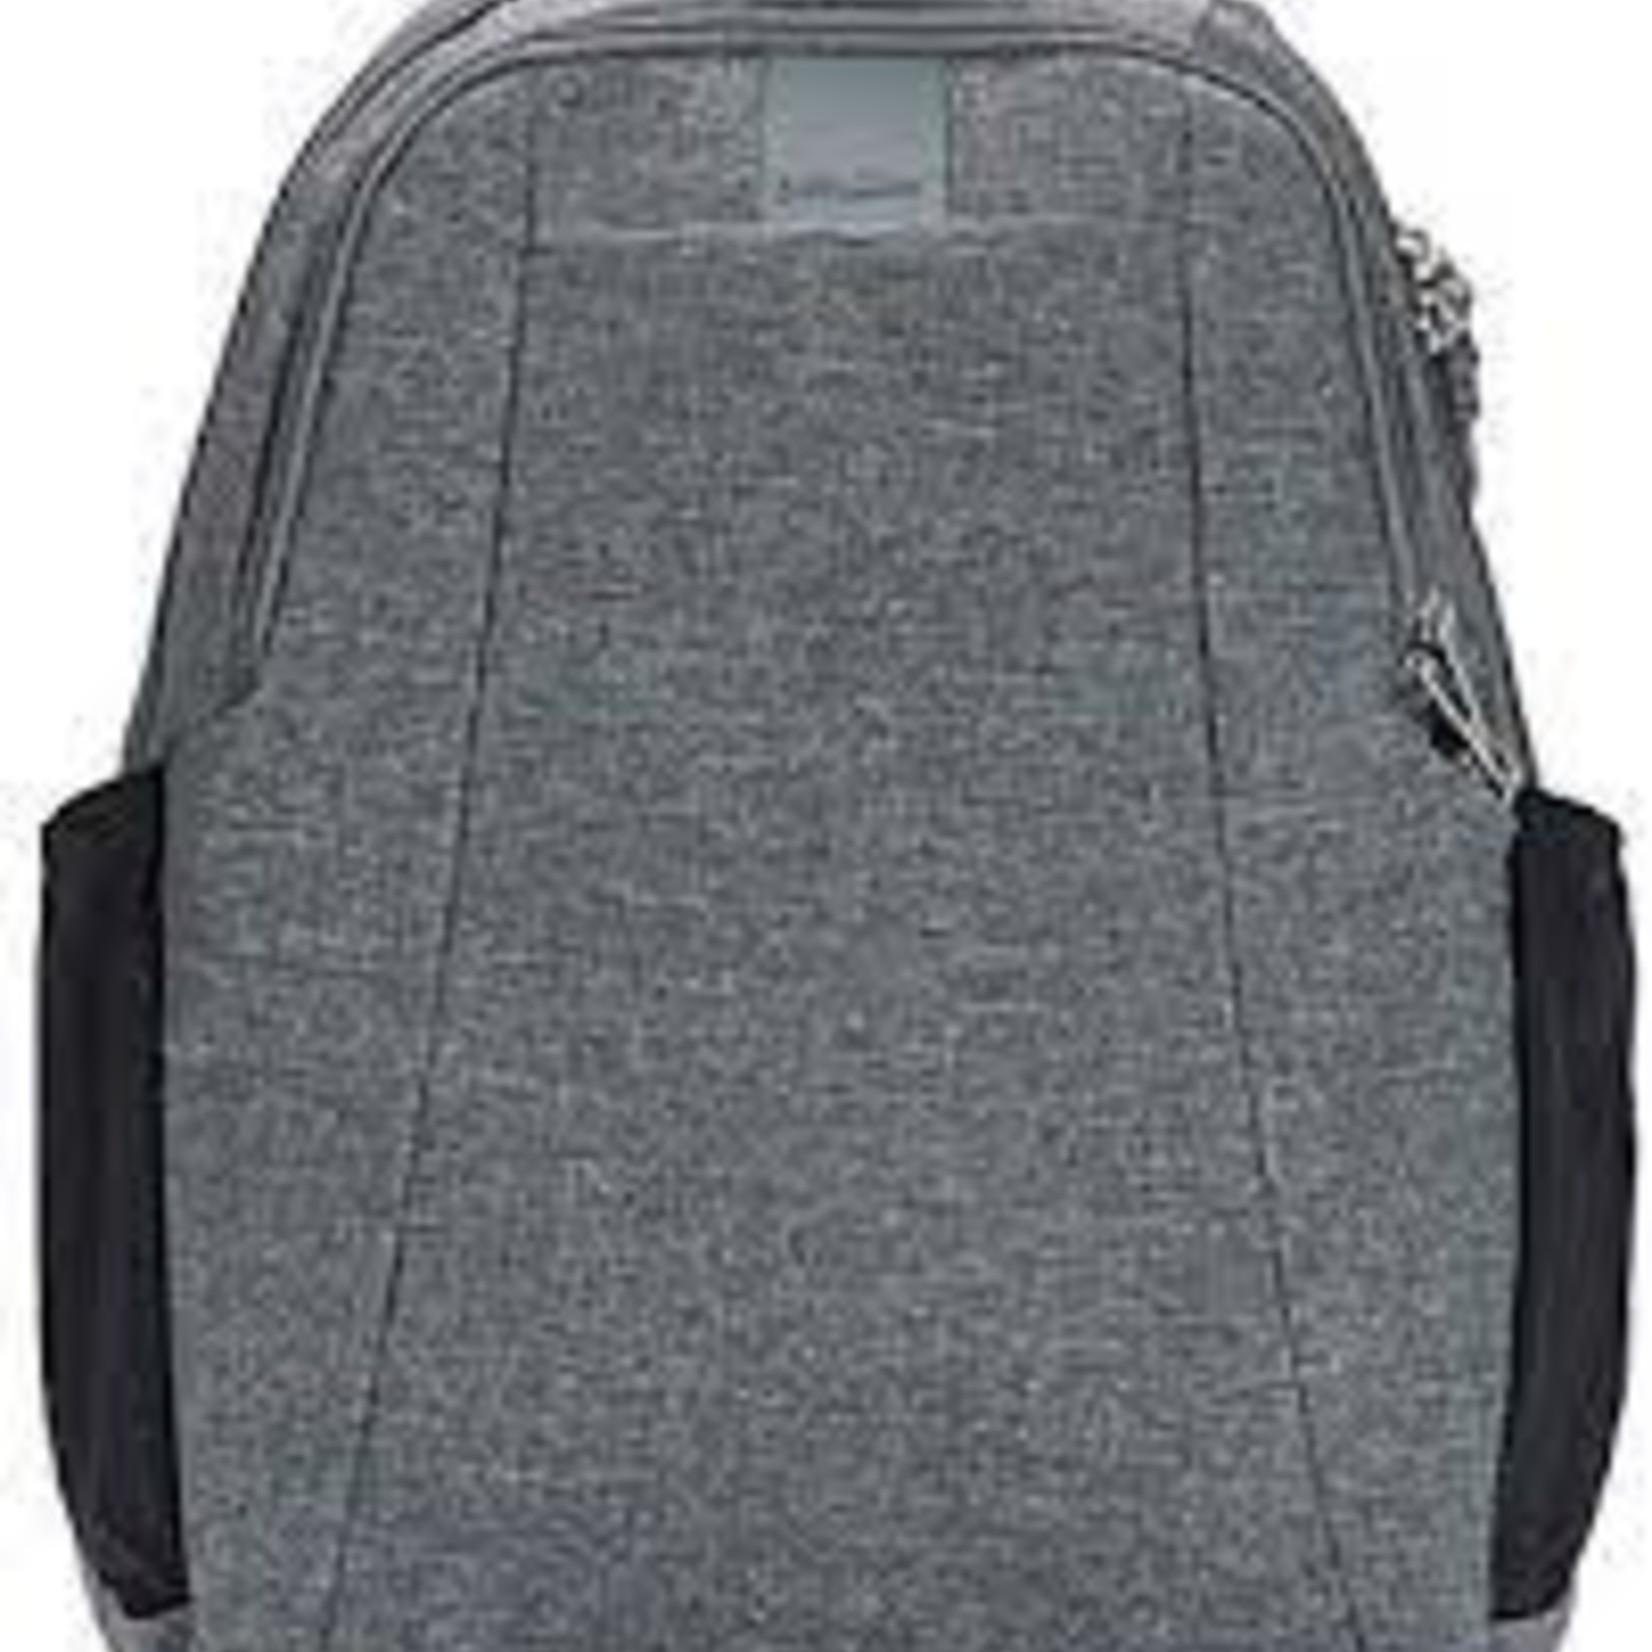 Pacsafe Metrosafe LS350 15 Liter Anti Theft Laptop Daypack/Backpack, Dark Tweed